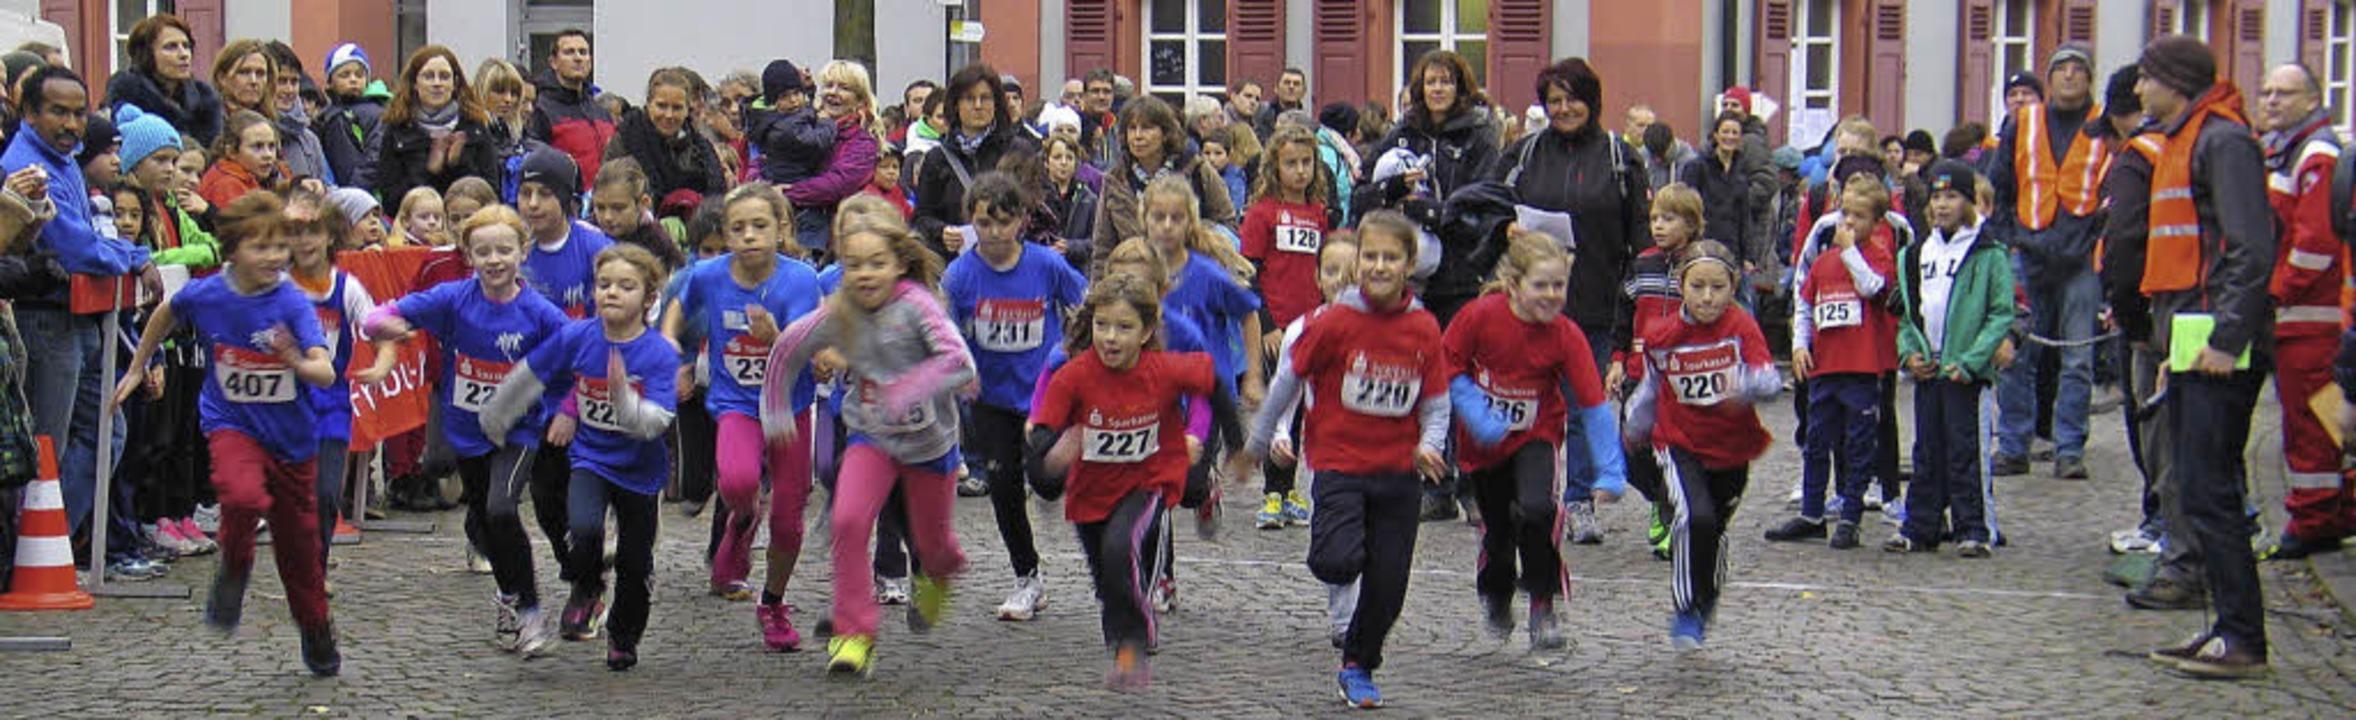 Mit großem Eifer und Ehrgeiz bei der S...fernachwuchs beim Riegeler Crosslauf.   | Foto: Helmut Hassler